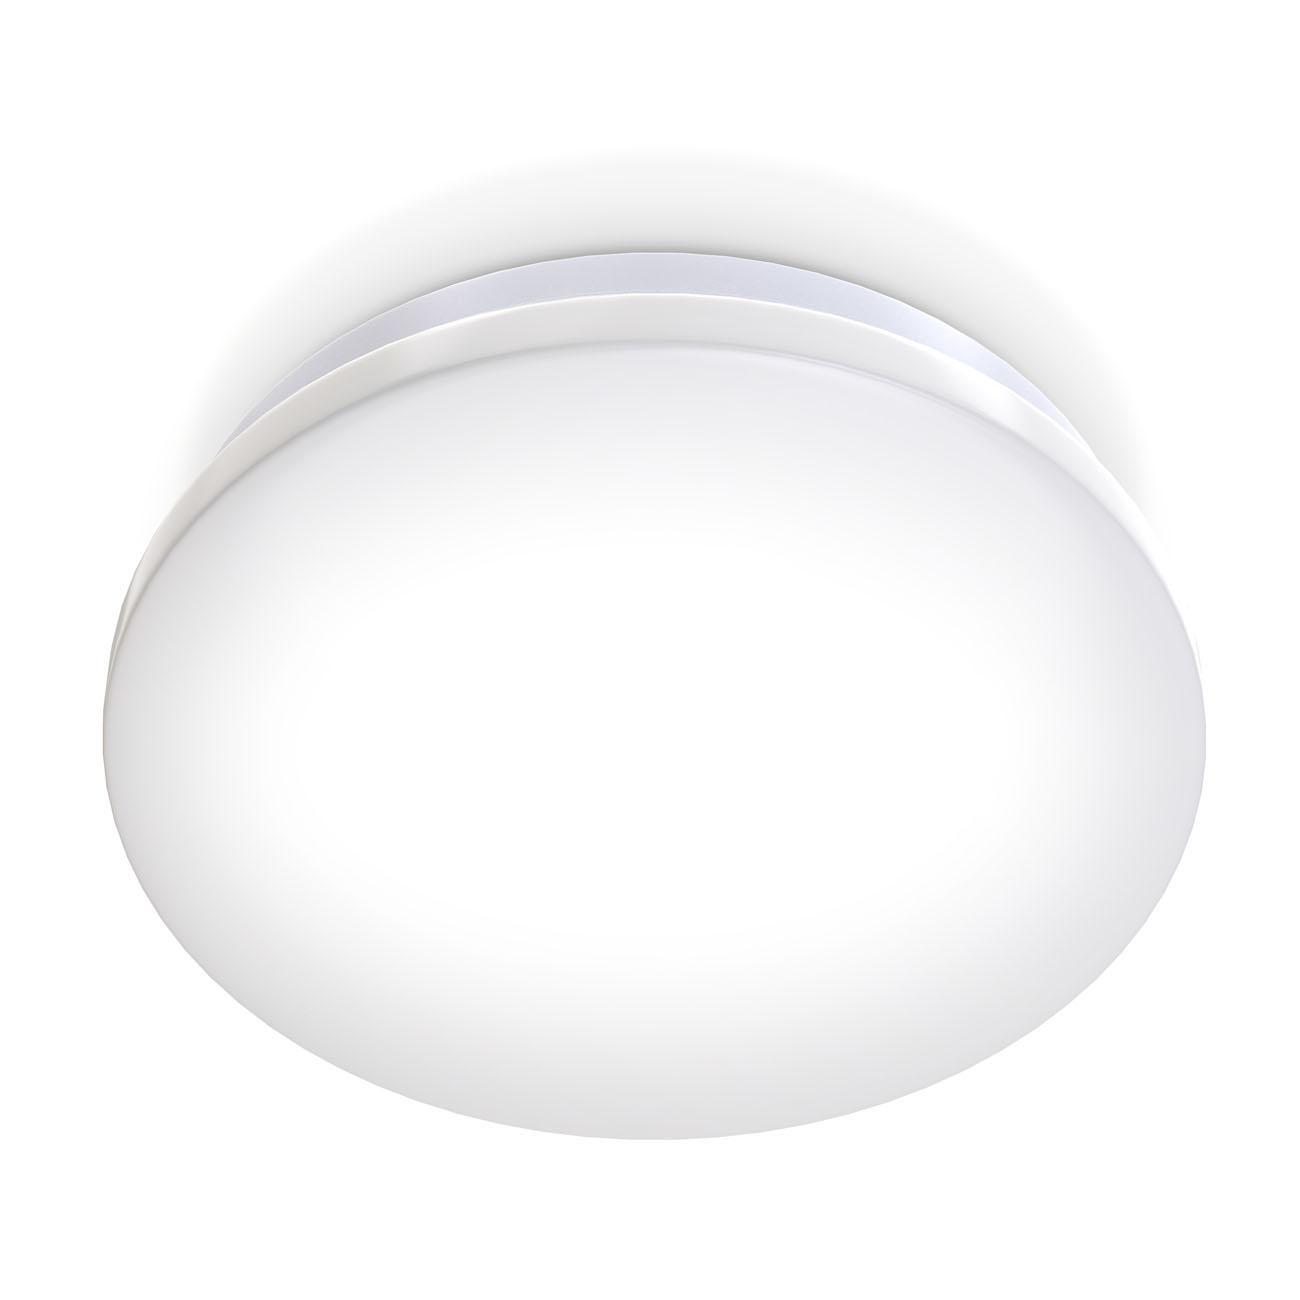 LED Deckenleuchte Badleuchte IP44 rund weiß